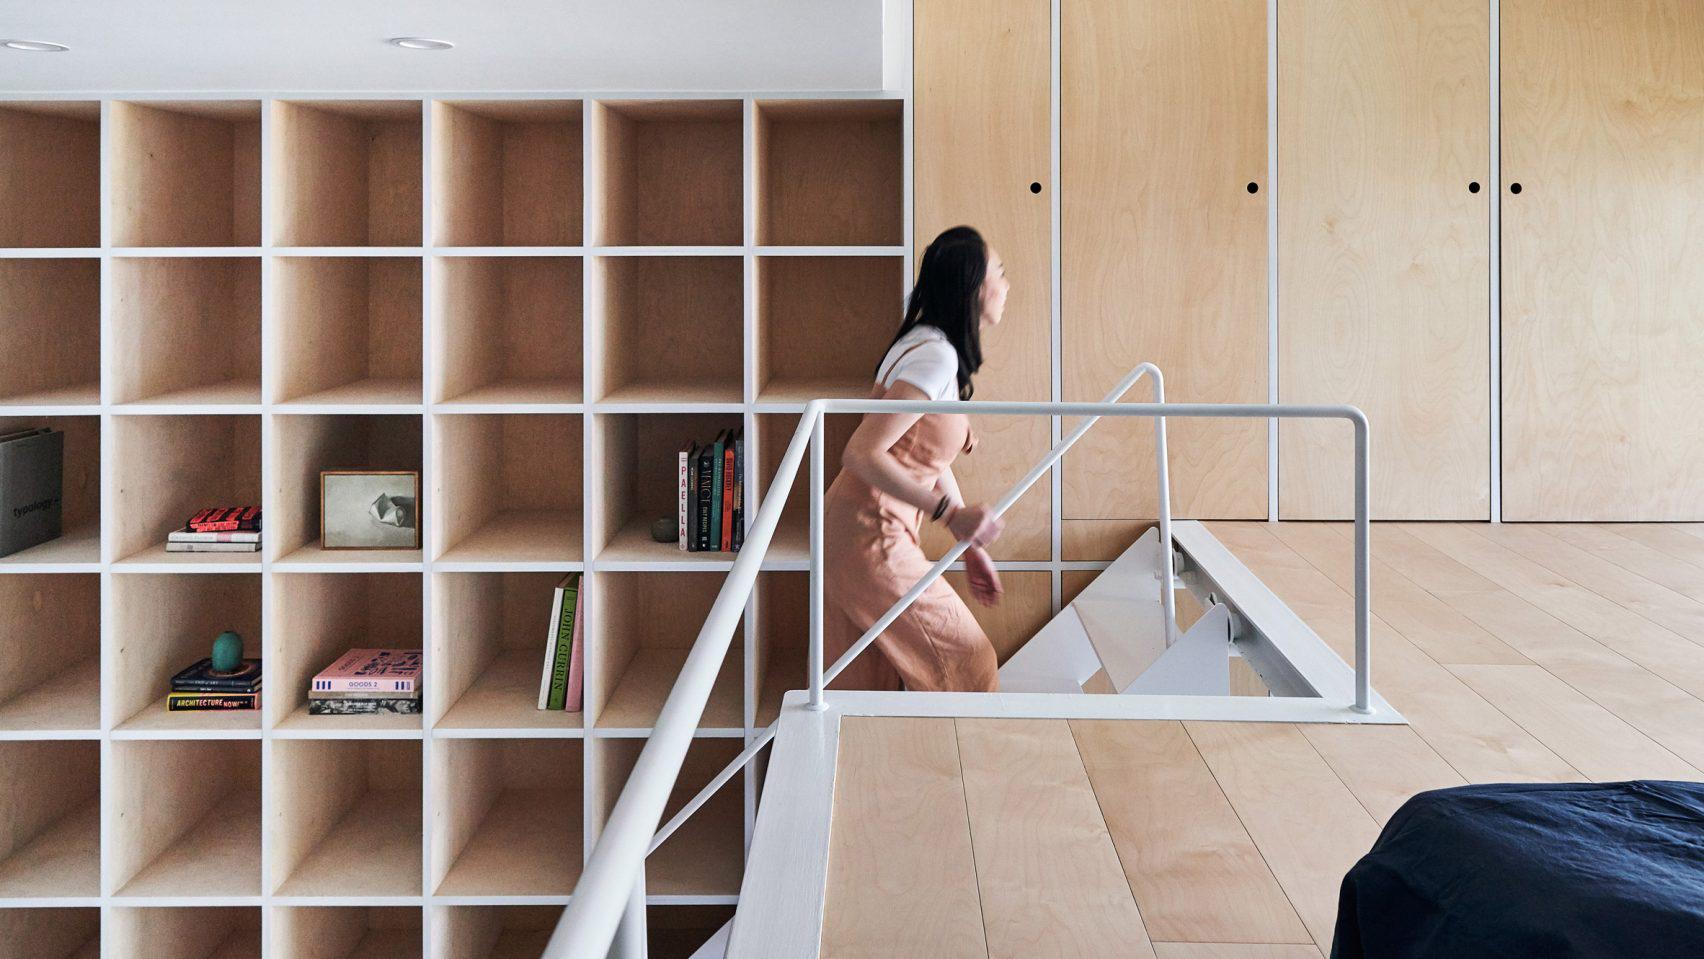 Căn hộ rộng 33m² siêu ấn tượng từ cách thiết kế đến bài trí nội thất - Ảnh 1